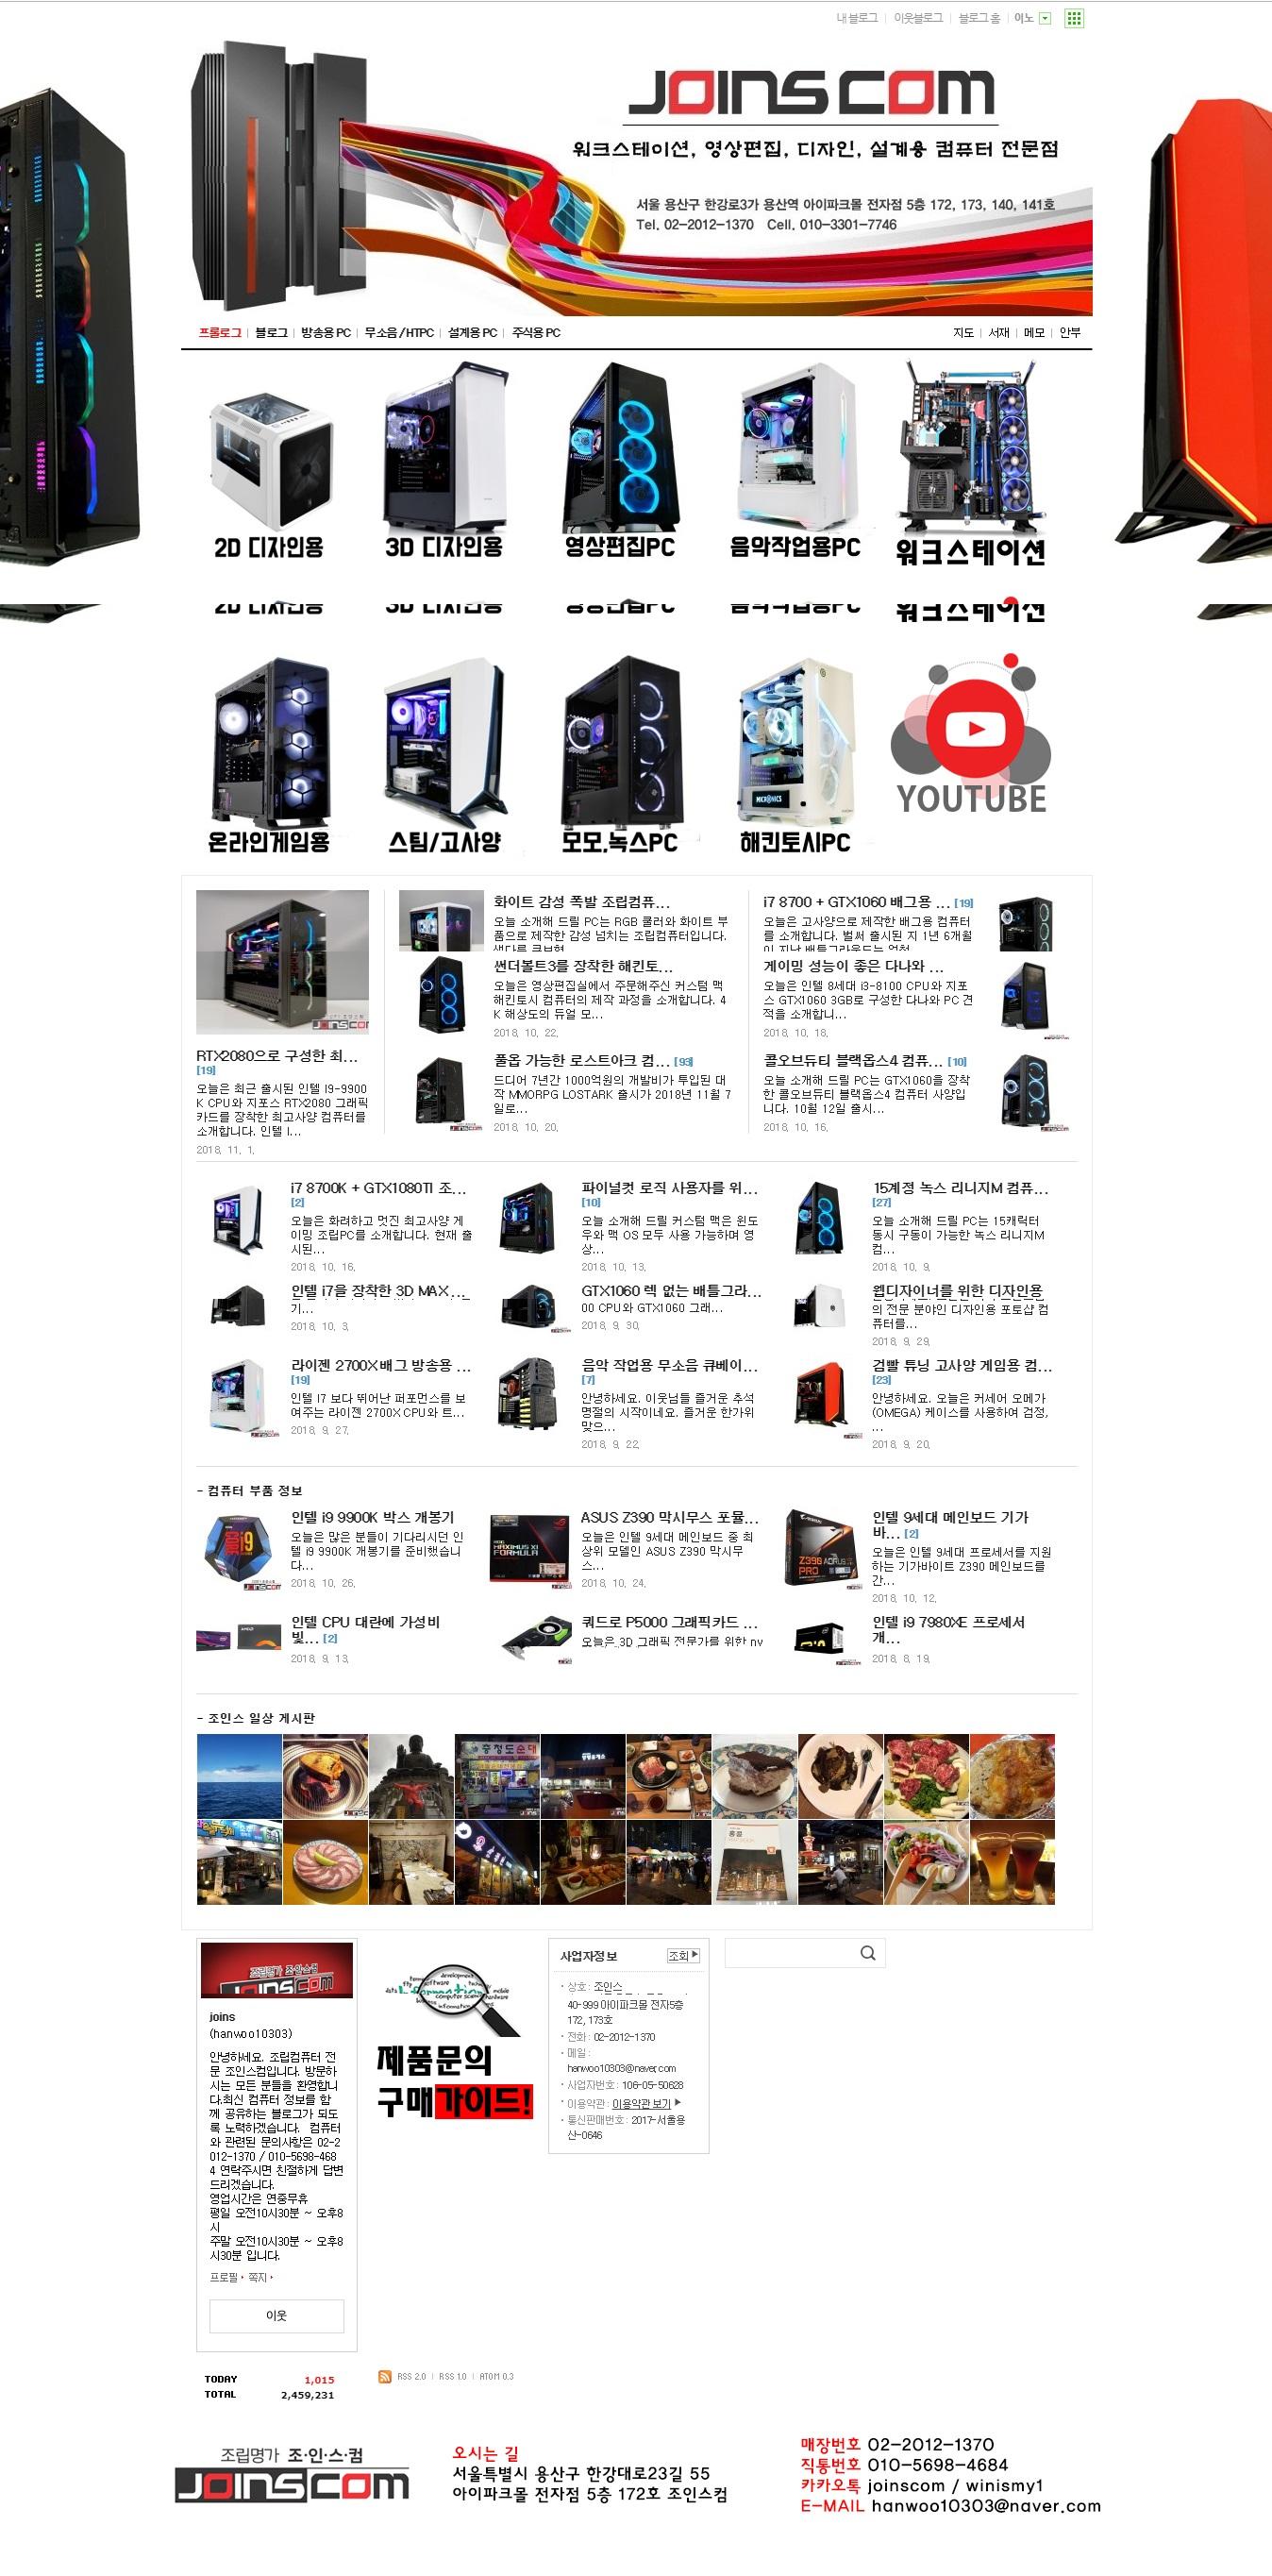 조인스컴 조립컴퓨터 판매업체 블로그교육1 1 성공사례 Blog